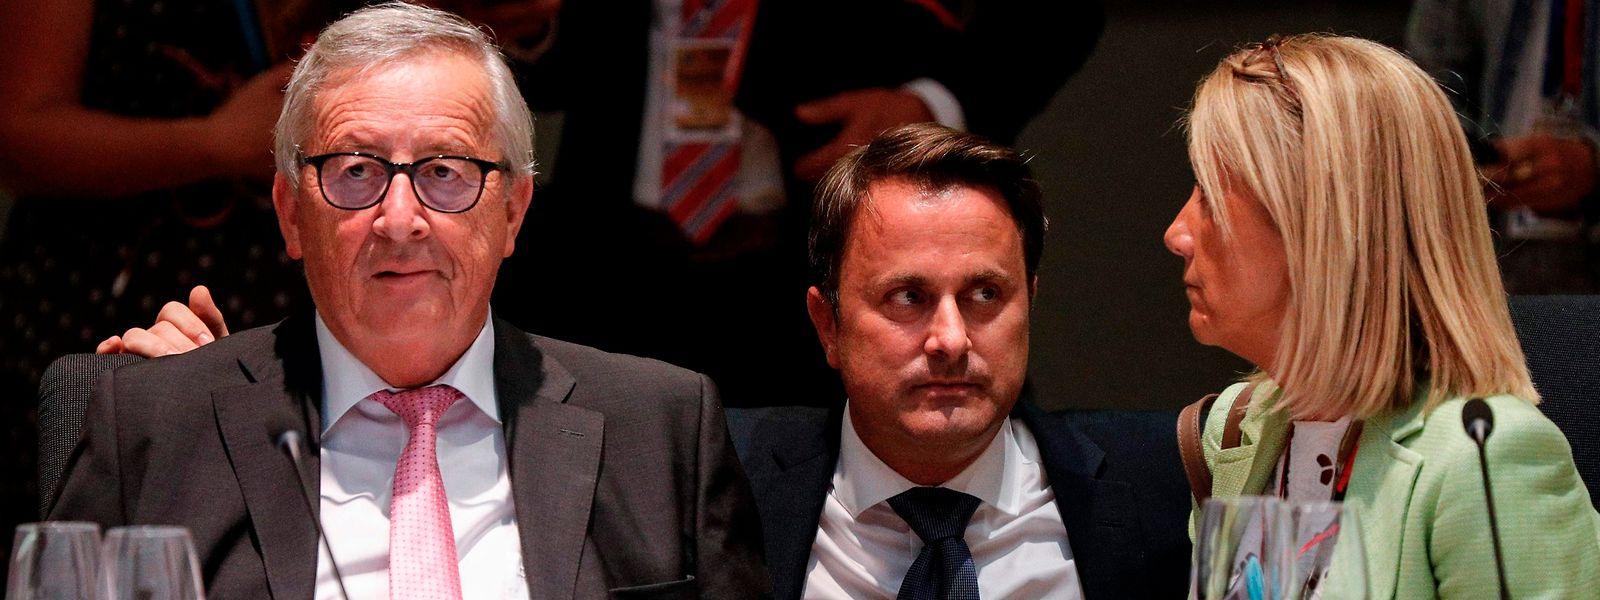 Jean-Claude Juncker, le président de la Commission européenne, et le Premier ministre Xavier Bettel avant le début du sommet de Bruxelles ce dimanche soir.